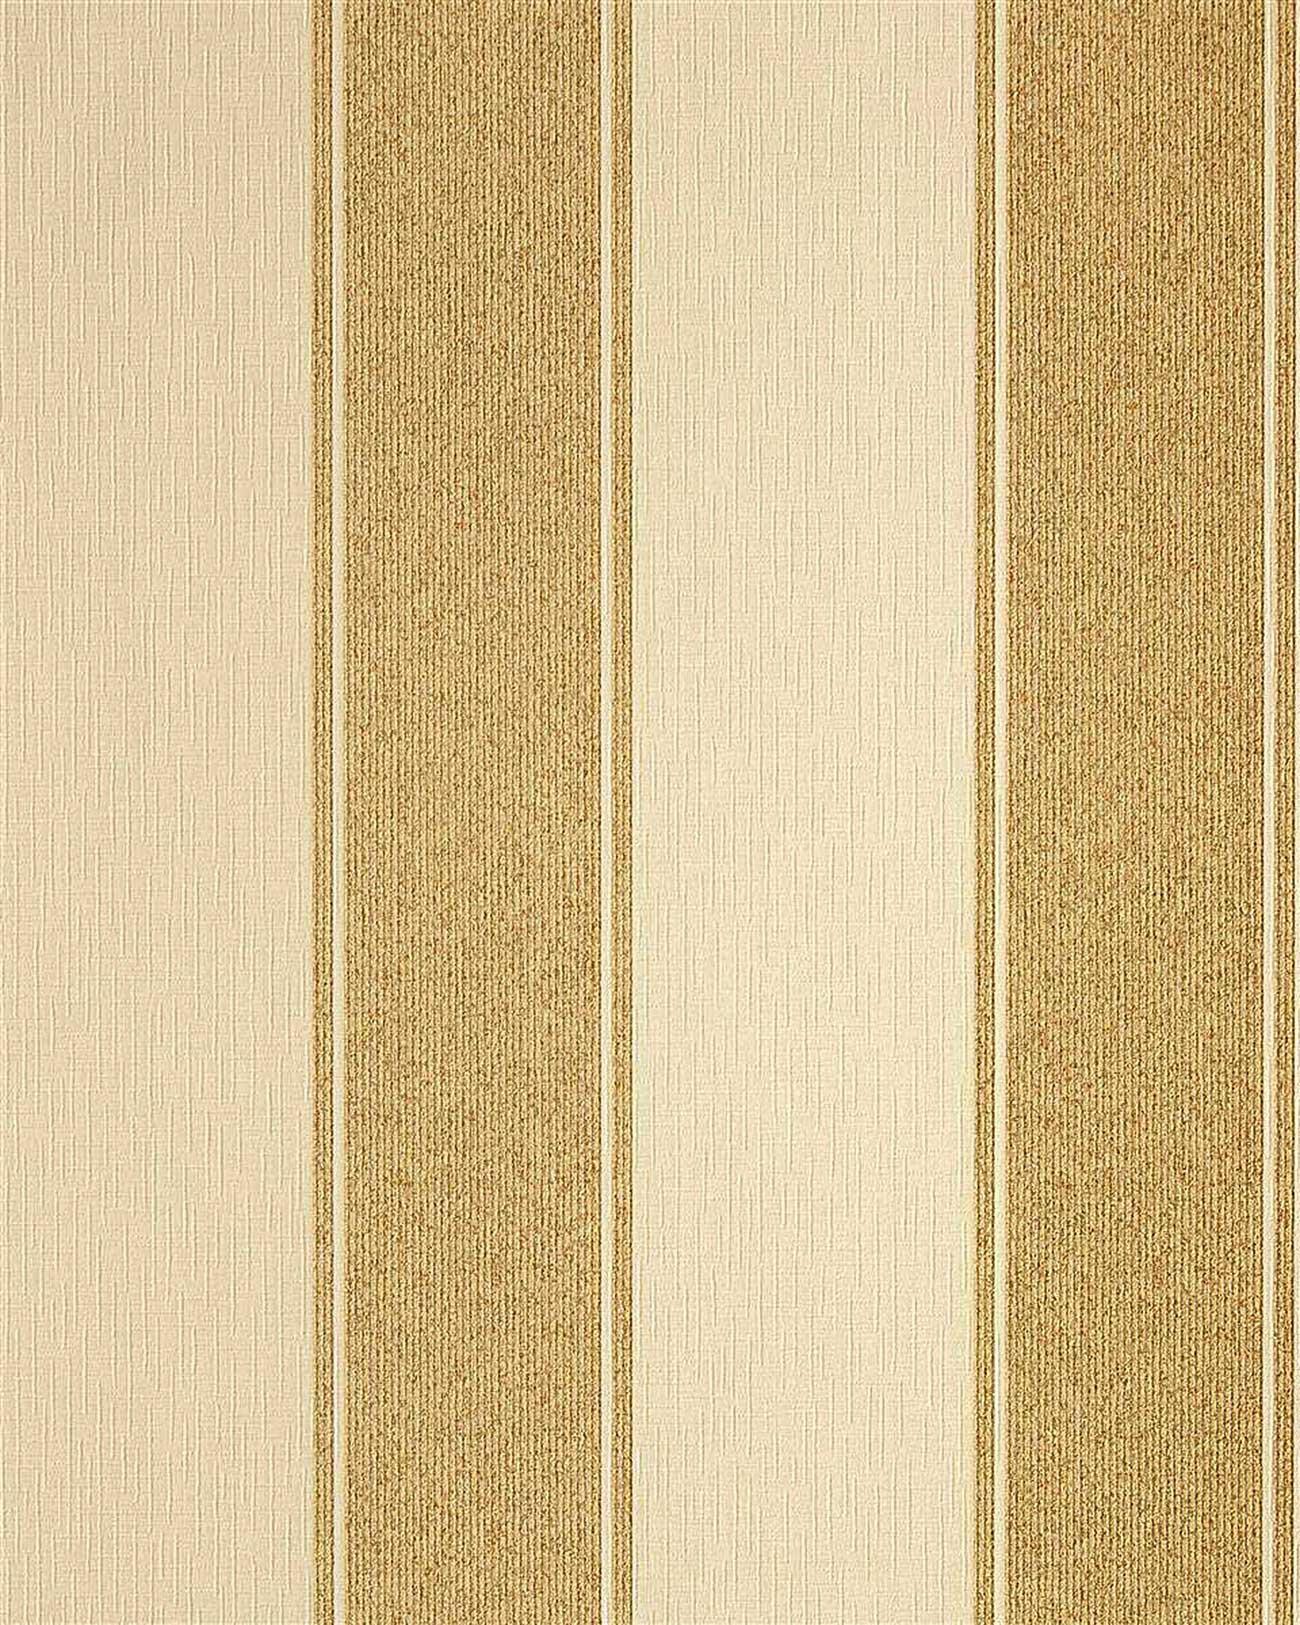 edem 753 30 hochwertige blockstreifen barock streifen tapete creme gold platin kaufen bei. Black Bedroom Furniture Sets. Home Design Ideas